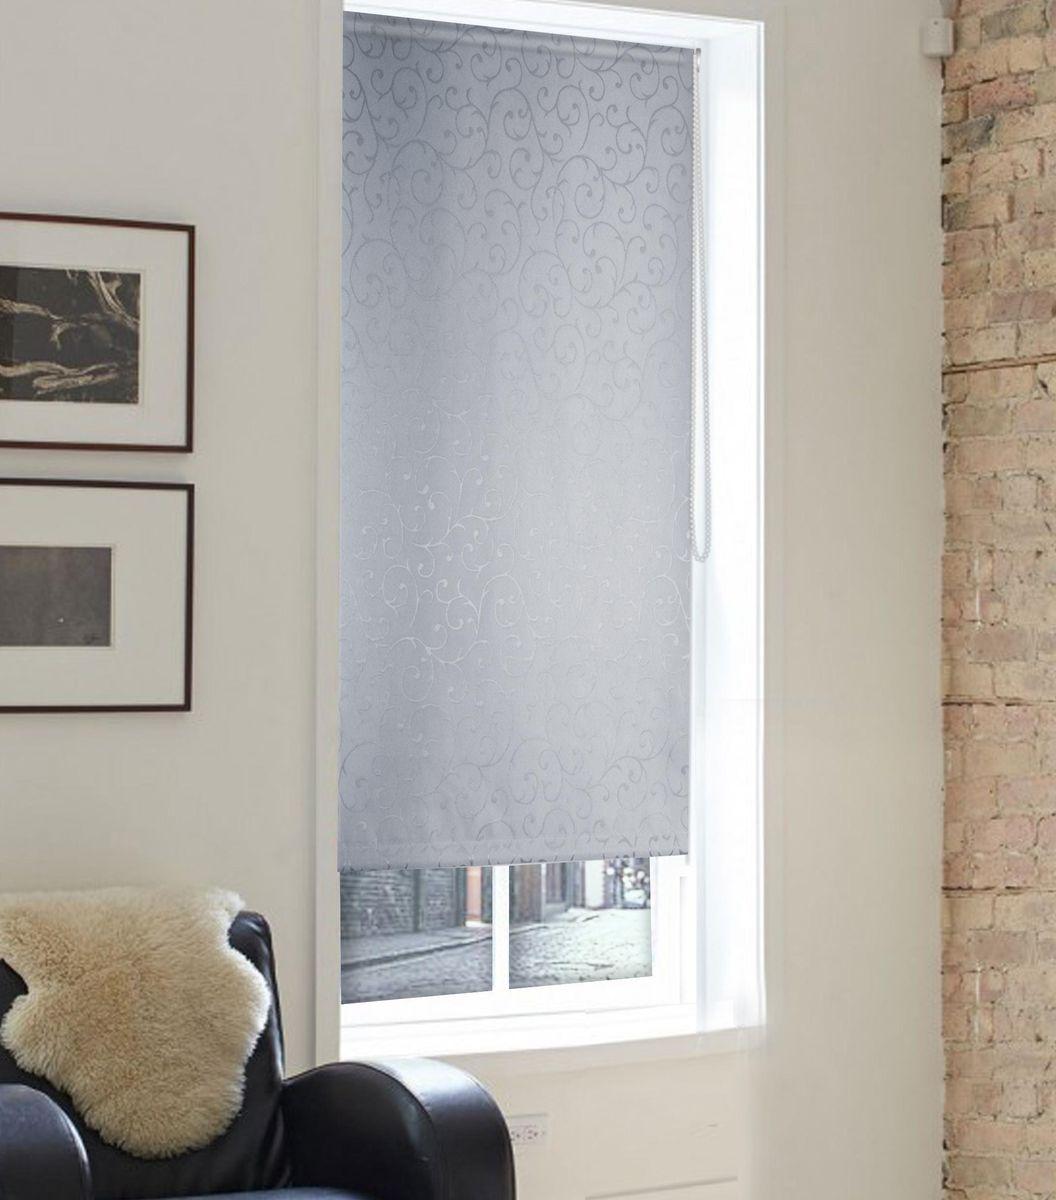 Штора рулонная Эскар Ролло. Агат, цвет: серый, ширина 140 см, высота 160 см87022140160Рулонными шторами можно оформлять окна как самостоятельно, так ииспользовать в комбинации с портьерами. Это поможет предотвратитьвыгорание дорогой ткани на солнце и соединит функционал рулонных скрасотой навесных. Преимущества применения рулонных штор для пластиковых окон: - имеют прекрасный внешний вид: многообразие и фактурность материалаизделия отлично смотрятся в любом интерьере;- многофункциональны: есть возможность подобрать шторы способныеэффективно защитить комнату от солнца, при этом она не будет слишкомтемной. - Есть возможность осуществить быстрый монтаж.ВНИМАНИЕ! Размеры ширины изделия указаны по ширине ткани! Во время эксплуатации не рекомендуется полностью разматывать рулон, чтобыне оторвать ткань от намоточного вала. В случае загрязнения поверхности ткани, чистку шторы проводят одним изспособов, в зависимости от типа загрязнения:легкое поверхностное загрязнение можно удалить при помощи канцелярскоголастика;чистка от пыли производится сухим методом при помощи пылесоса с мягкойщеткой-насадкой;для удаления пятна используйте мягкую губку с пенообразующим неагрессивныммоющим средством или пятновыводитель на натуральной основе (нельзяприменять растворители).